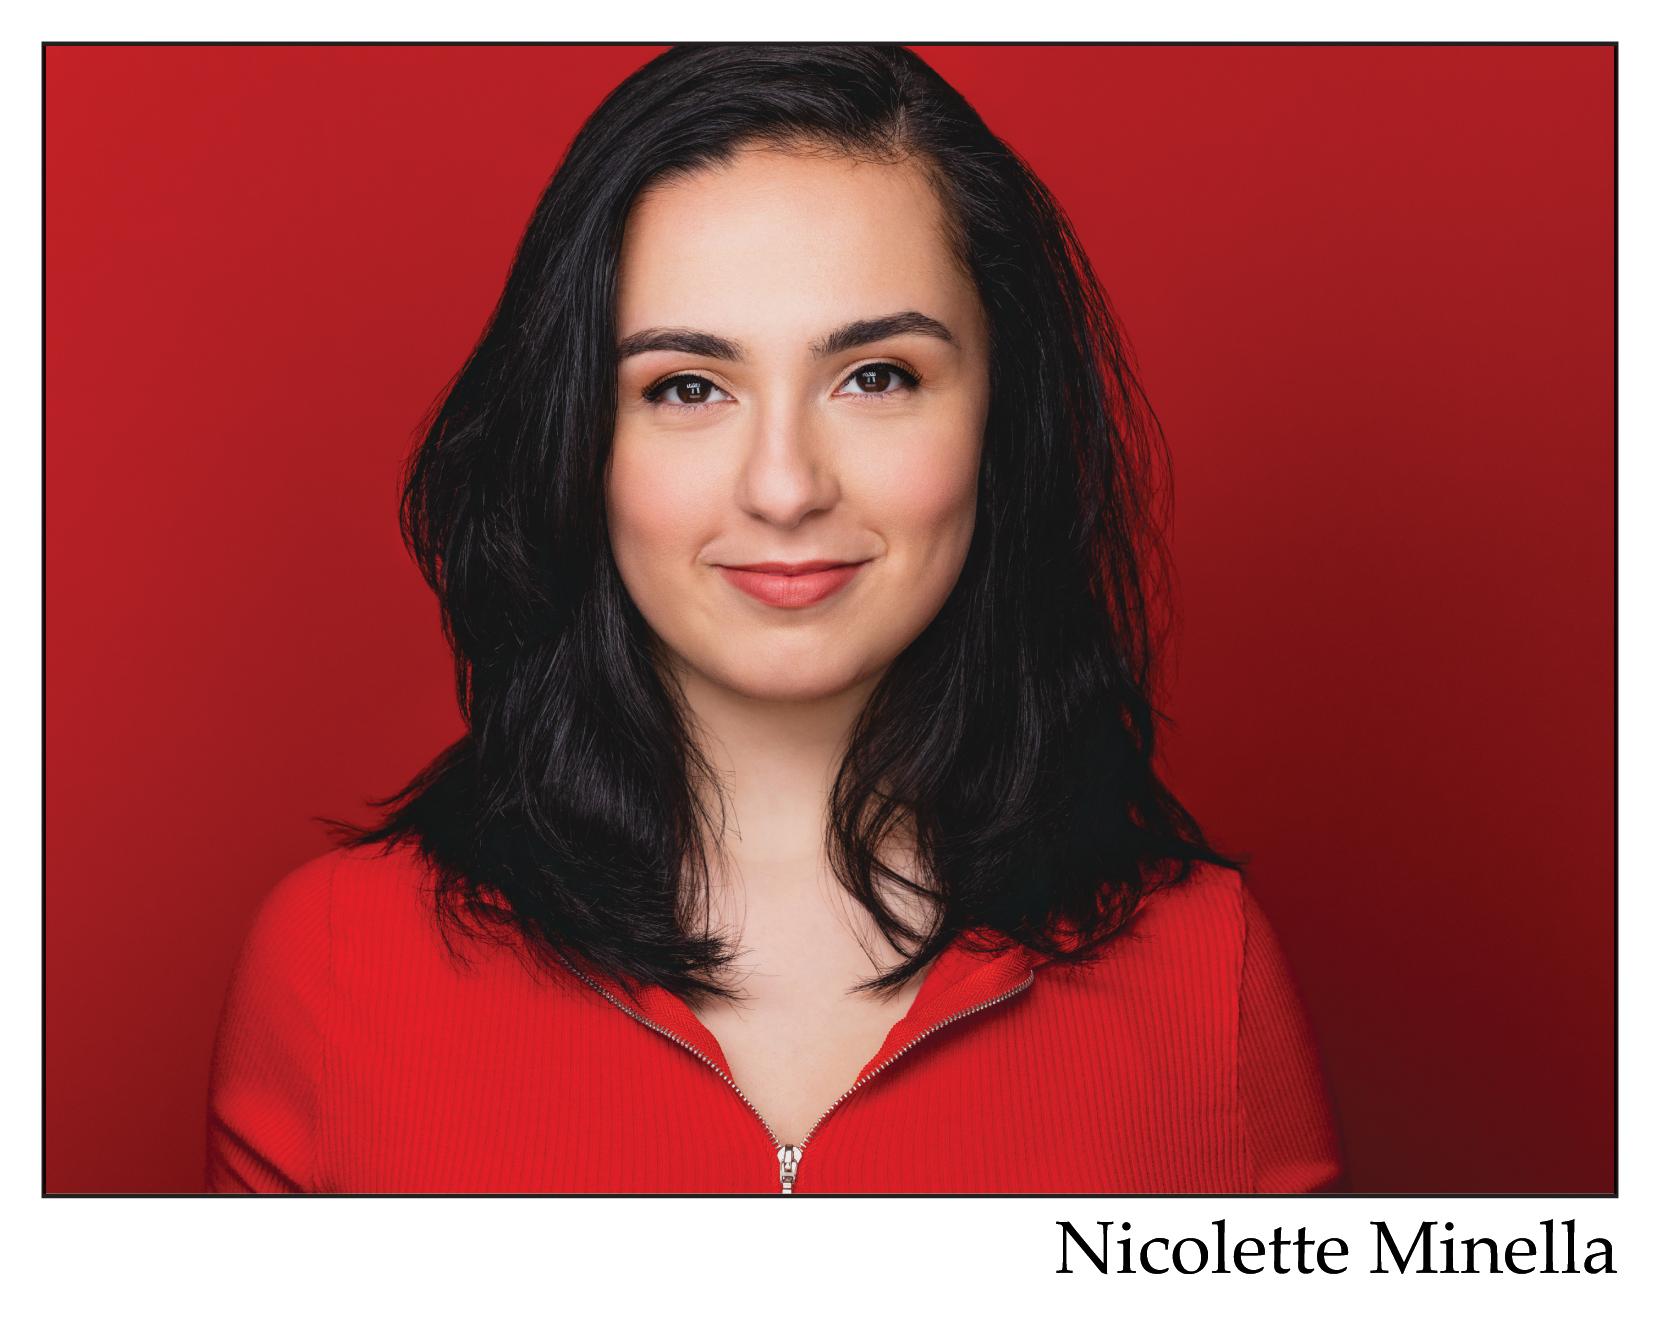 Nicolette Minella